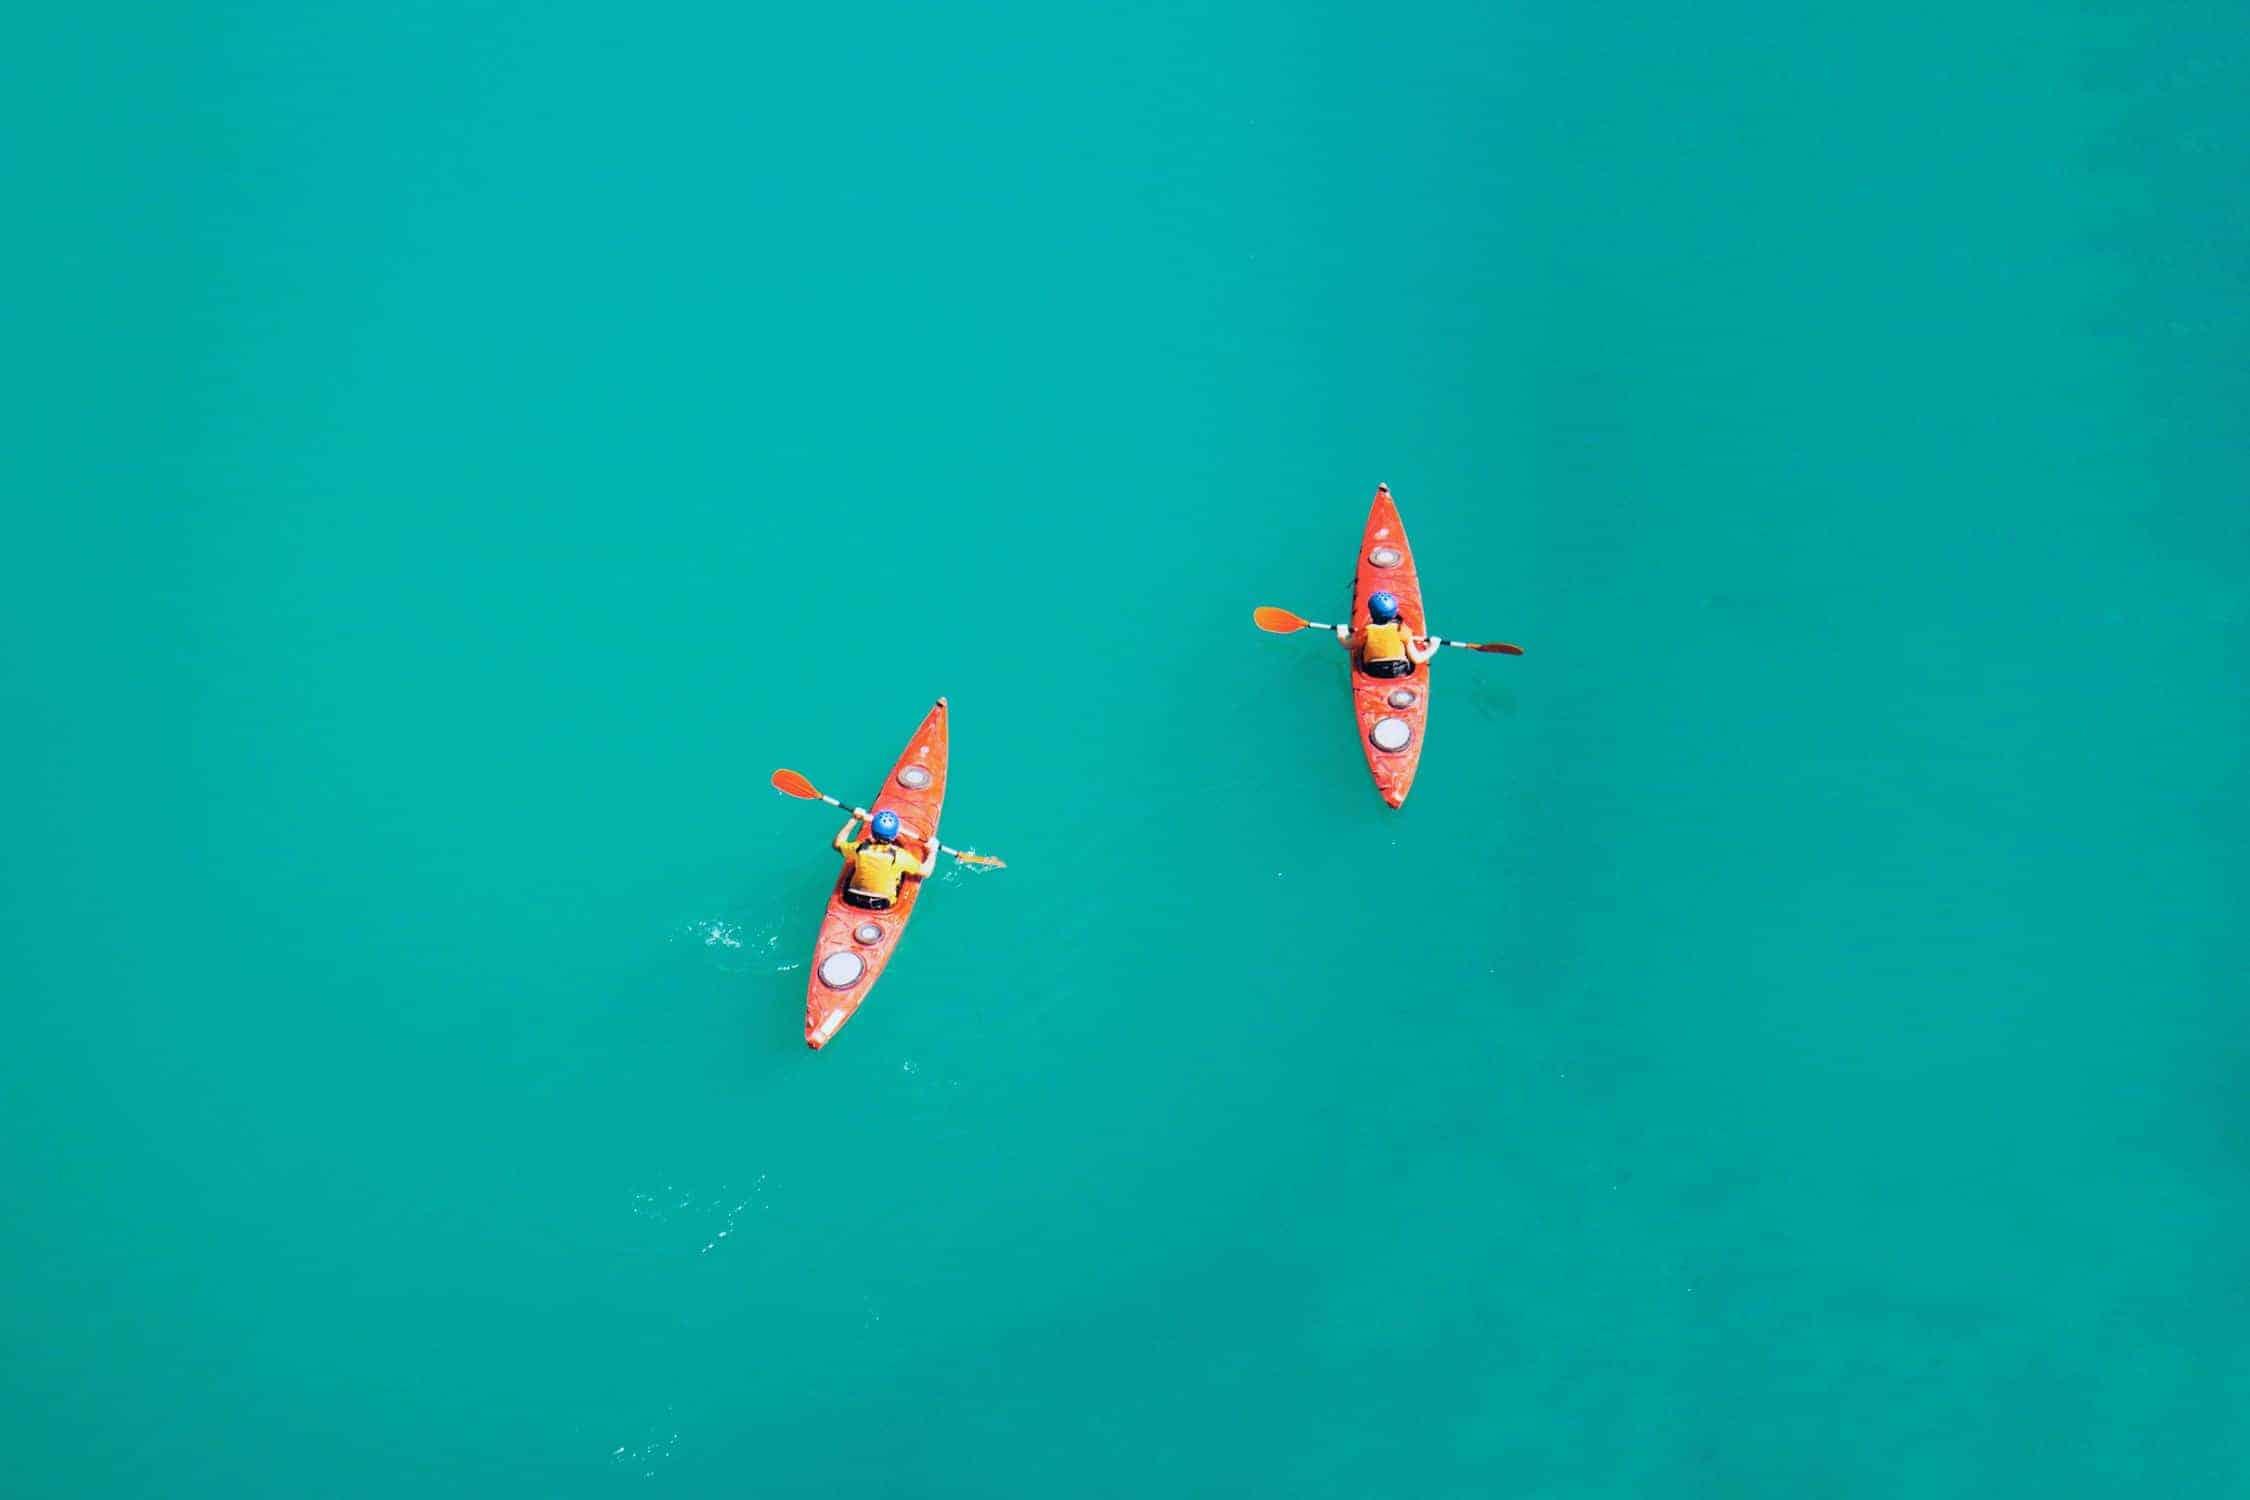 Vízben, vízen, víz alatt 5 vizes sport tavaszra és nyárra